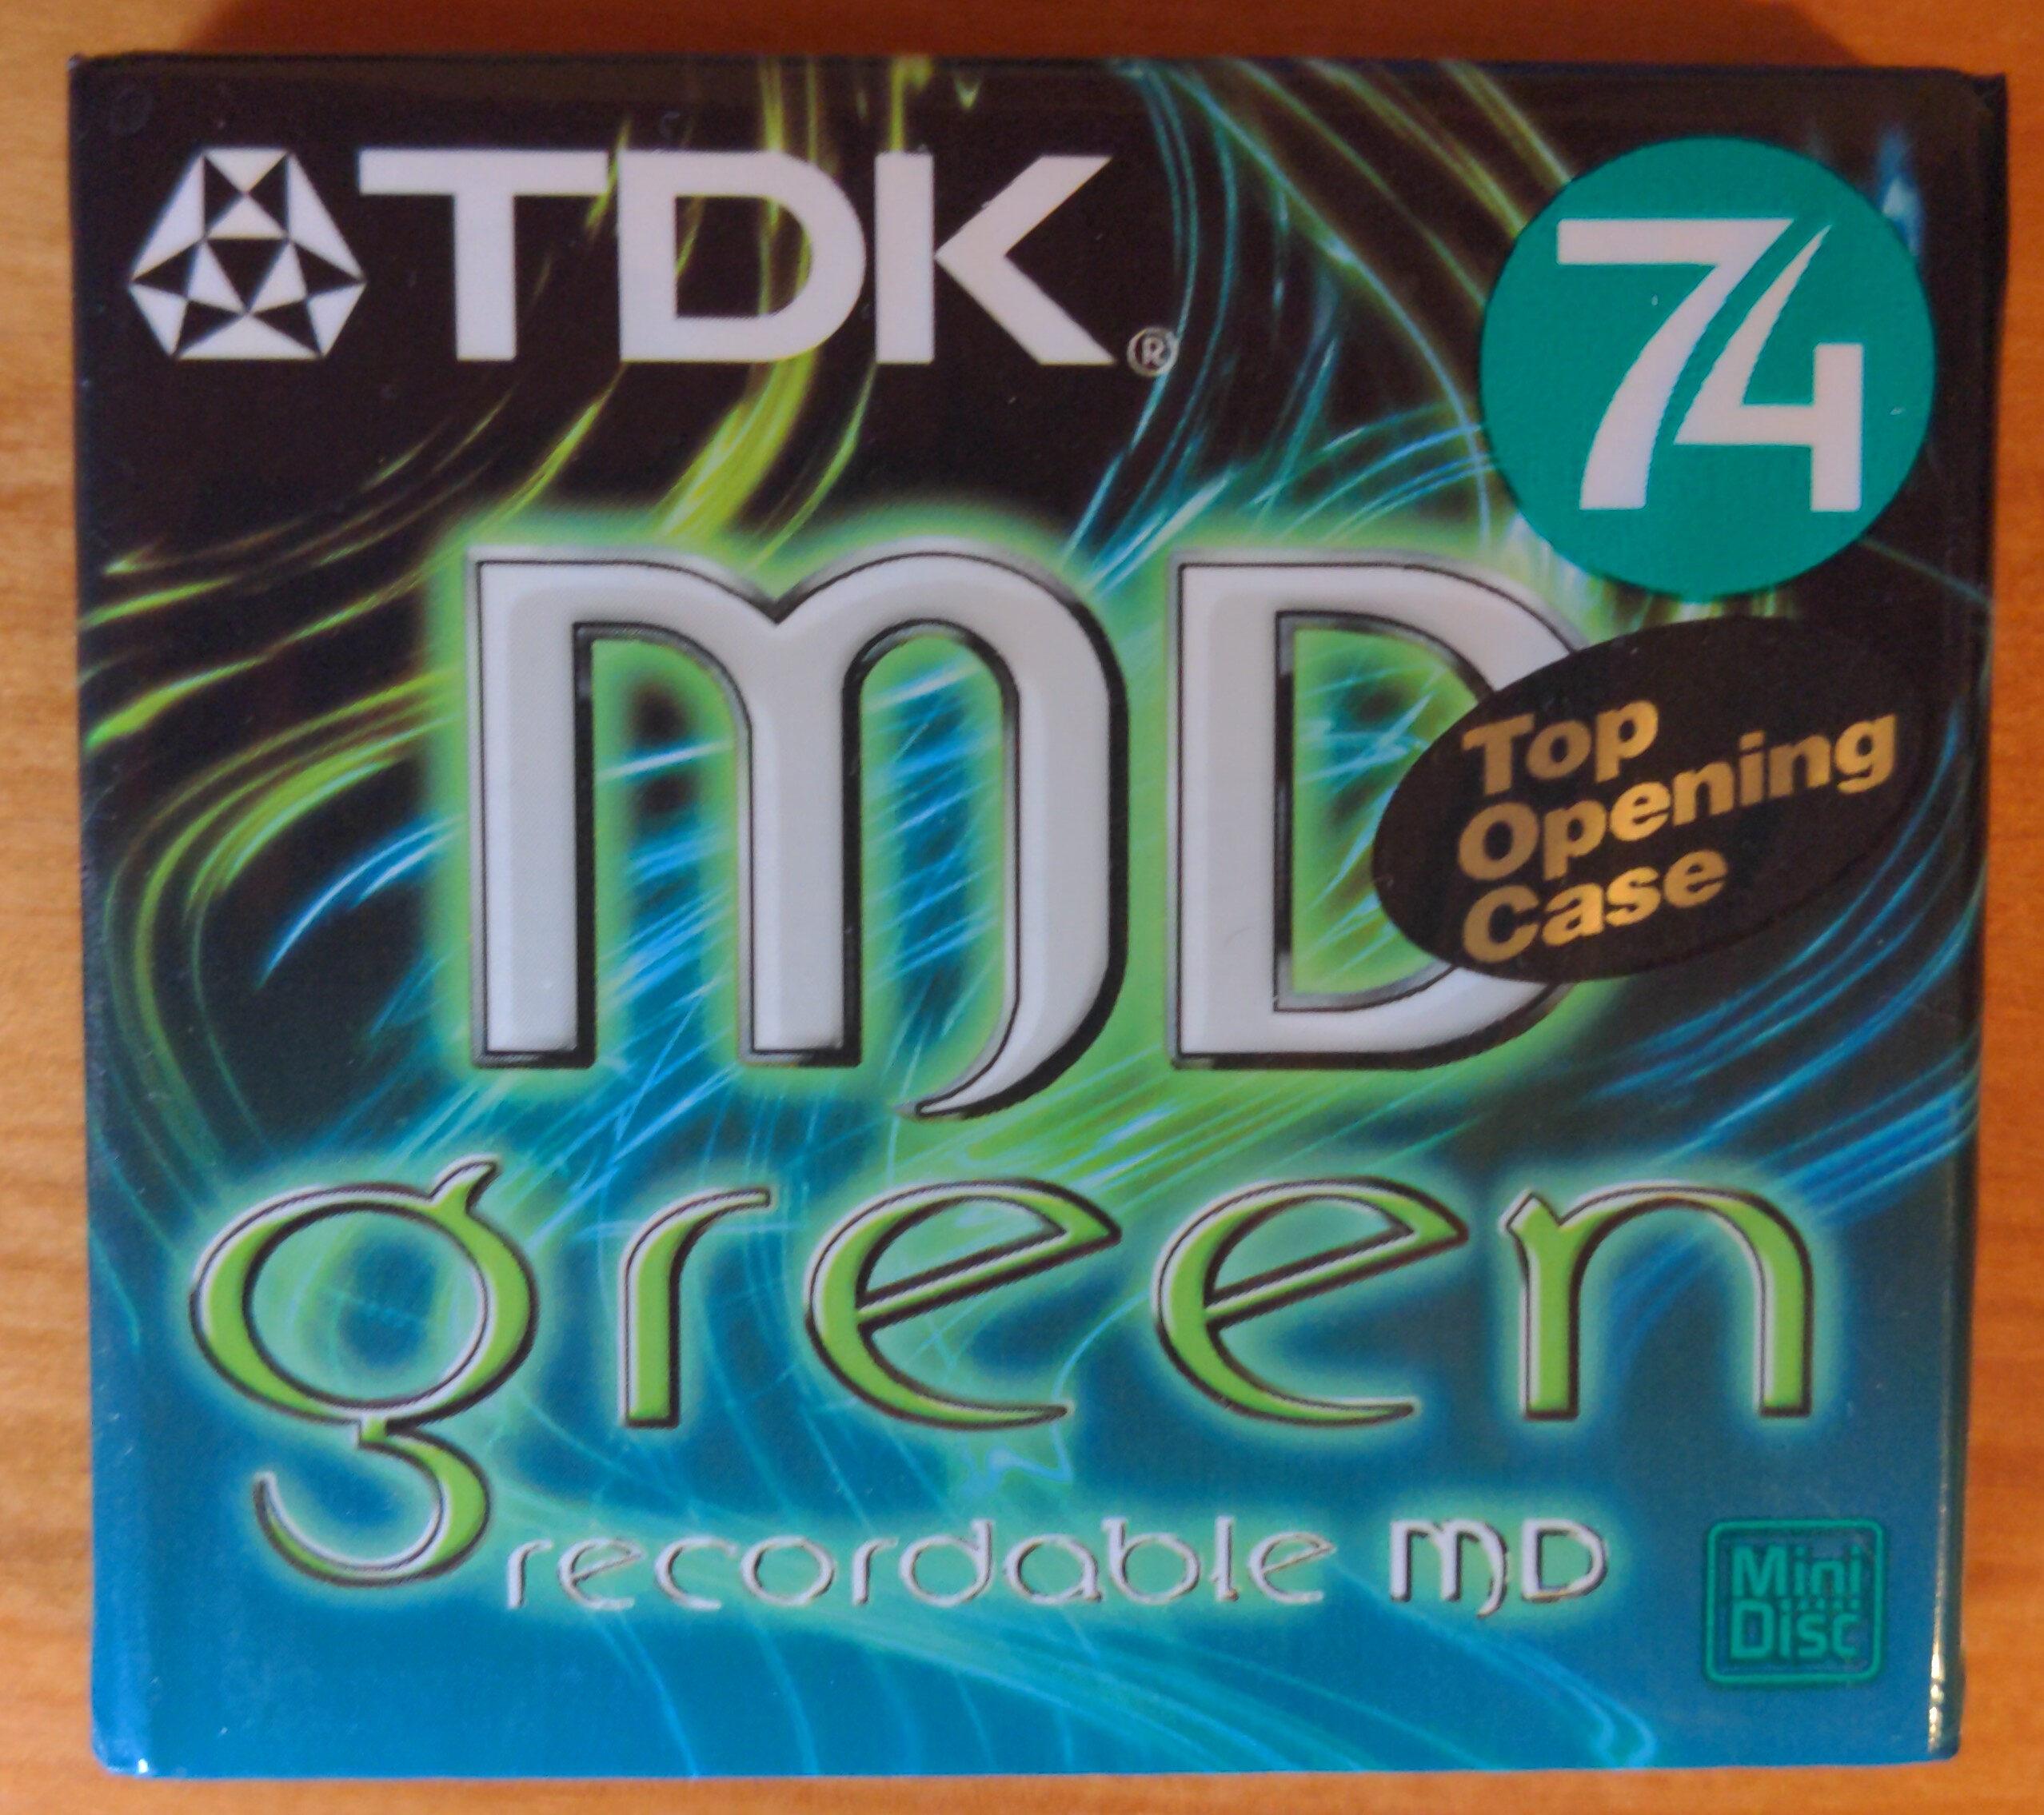 MD green - Product - en